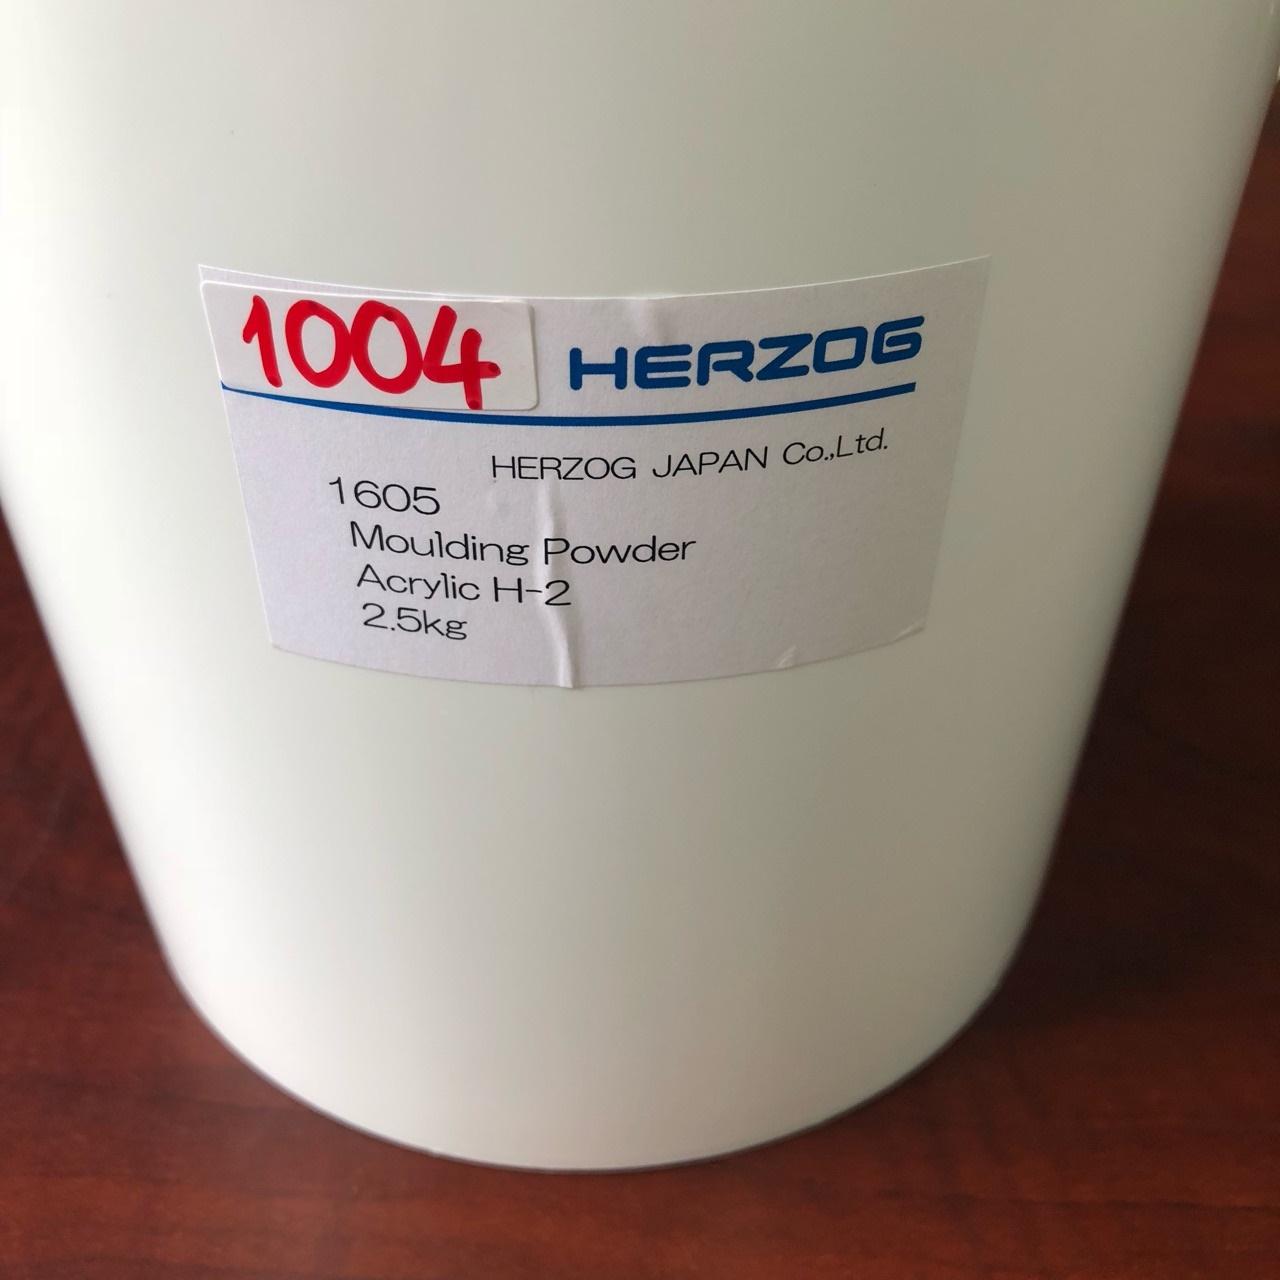 Bột Đúc Mẫu Nóng Acrylic 2.5kg  1605 Herzog